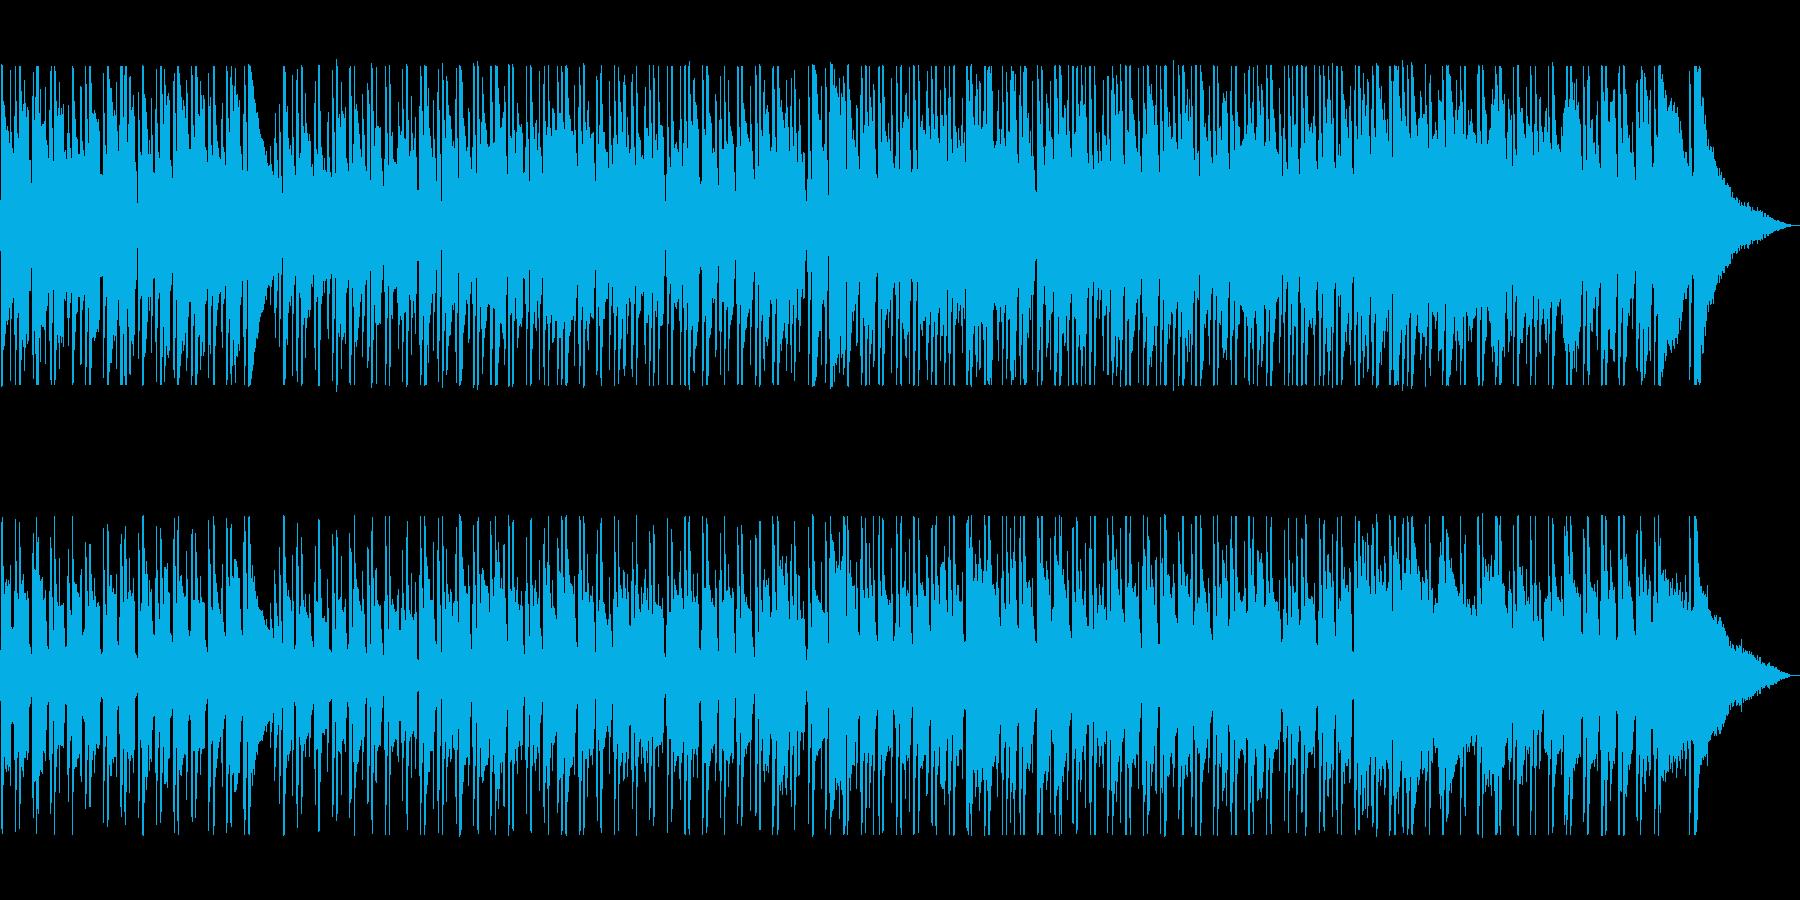 心安らぐ大人のジャズバラードの再生済みの波形